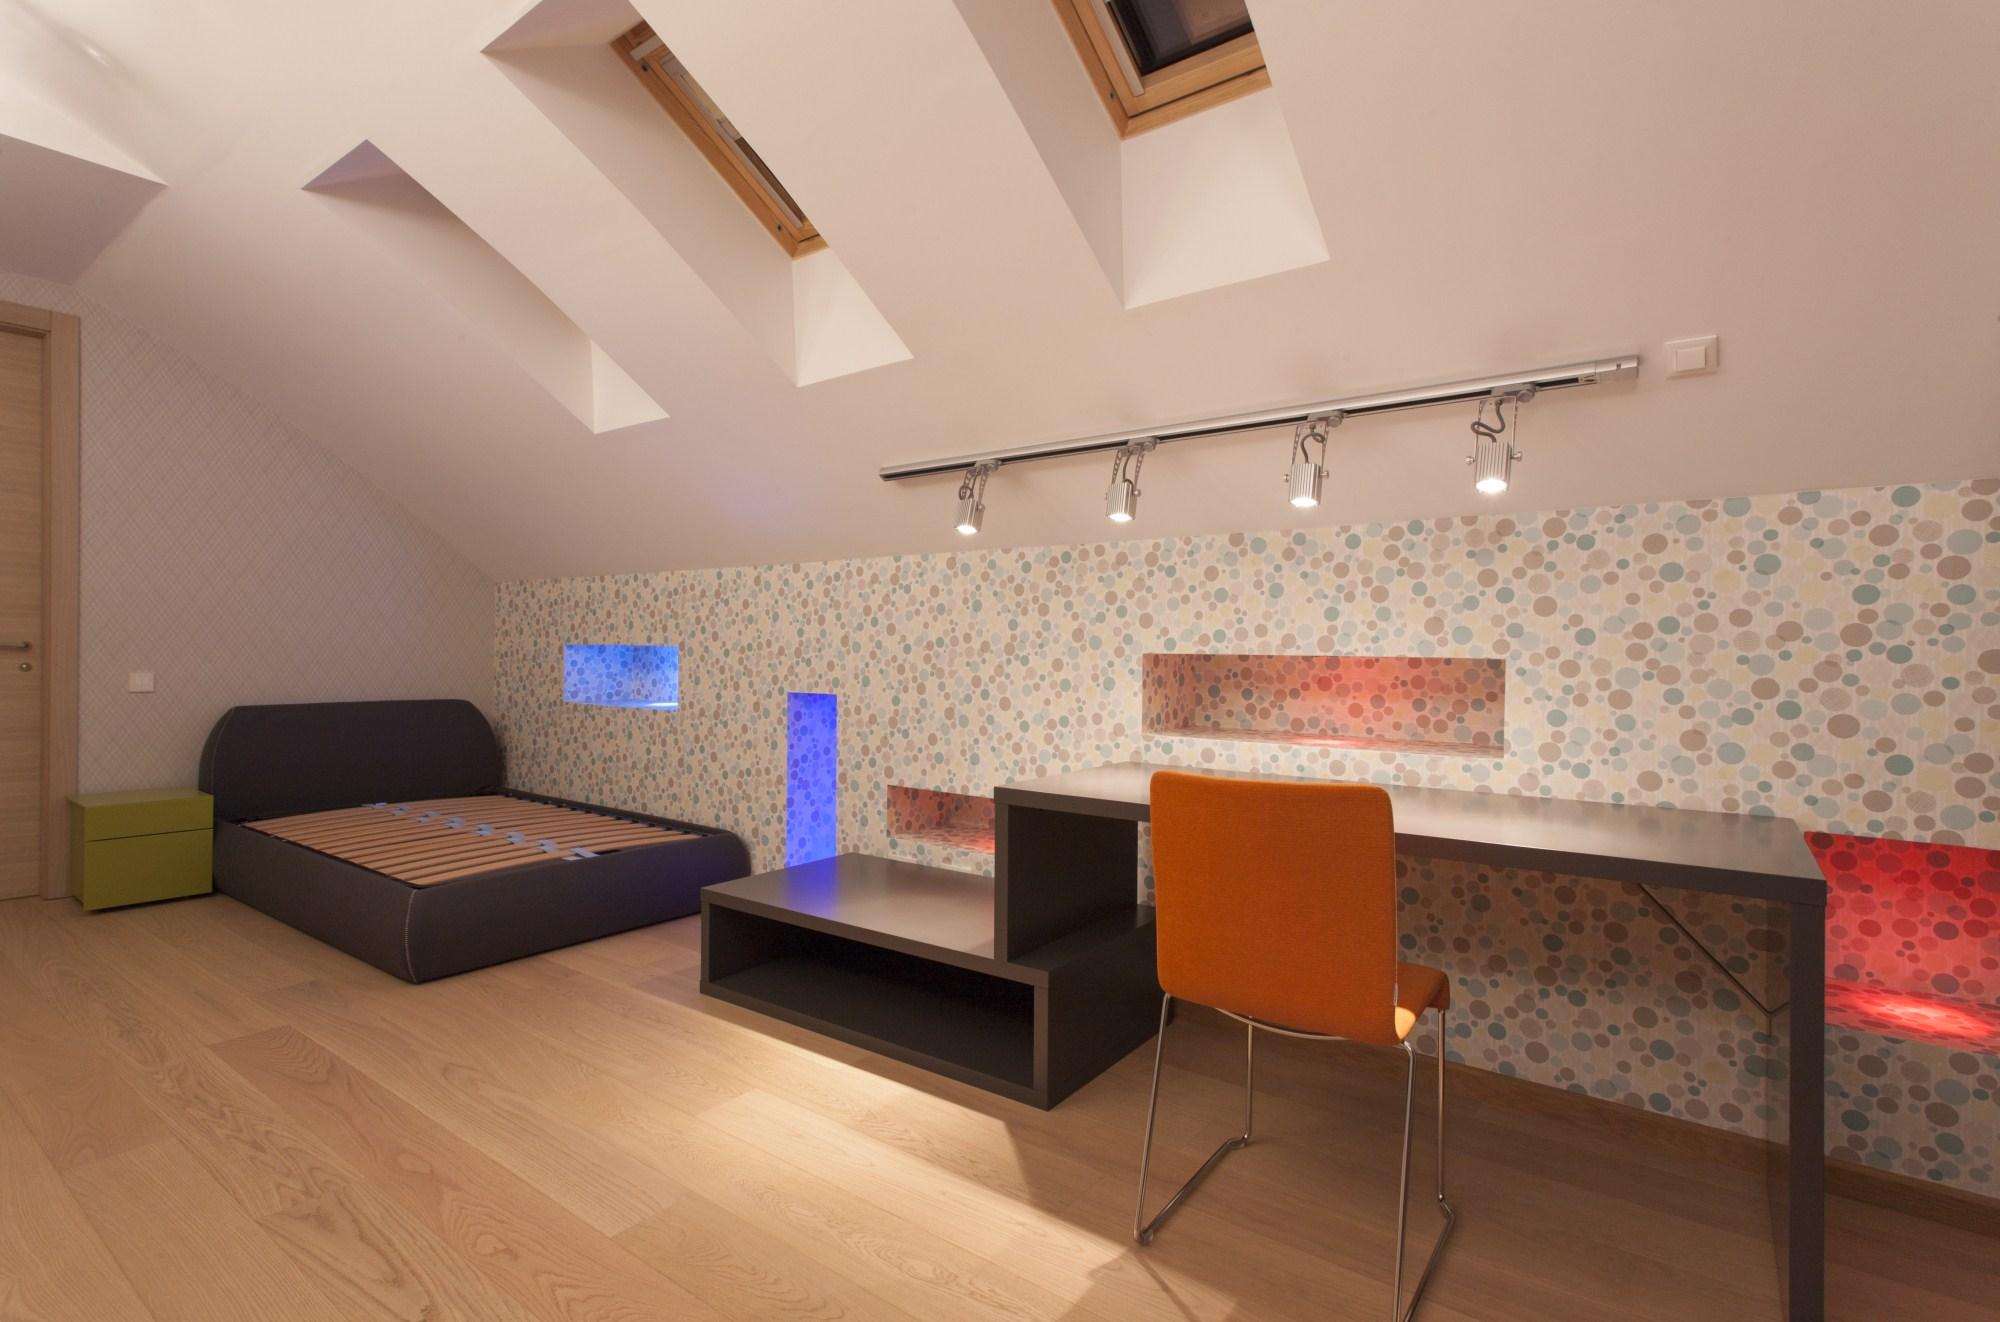 https://nbc-arhitect.ro/wp-content/uploads/2020/11/NBC-Arhitect-_-interior-design-_-Petofi-Sandor-_-Romania_9.jpg